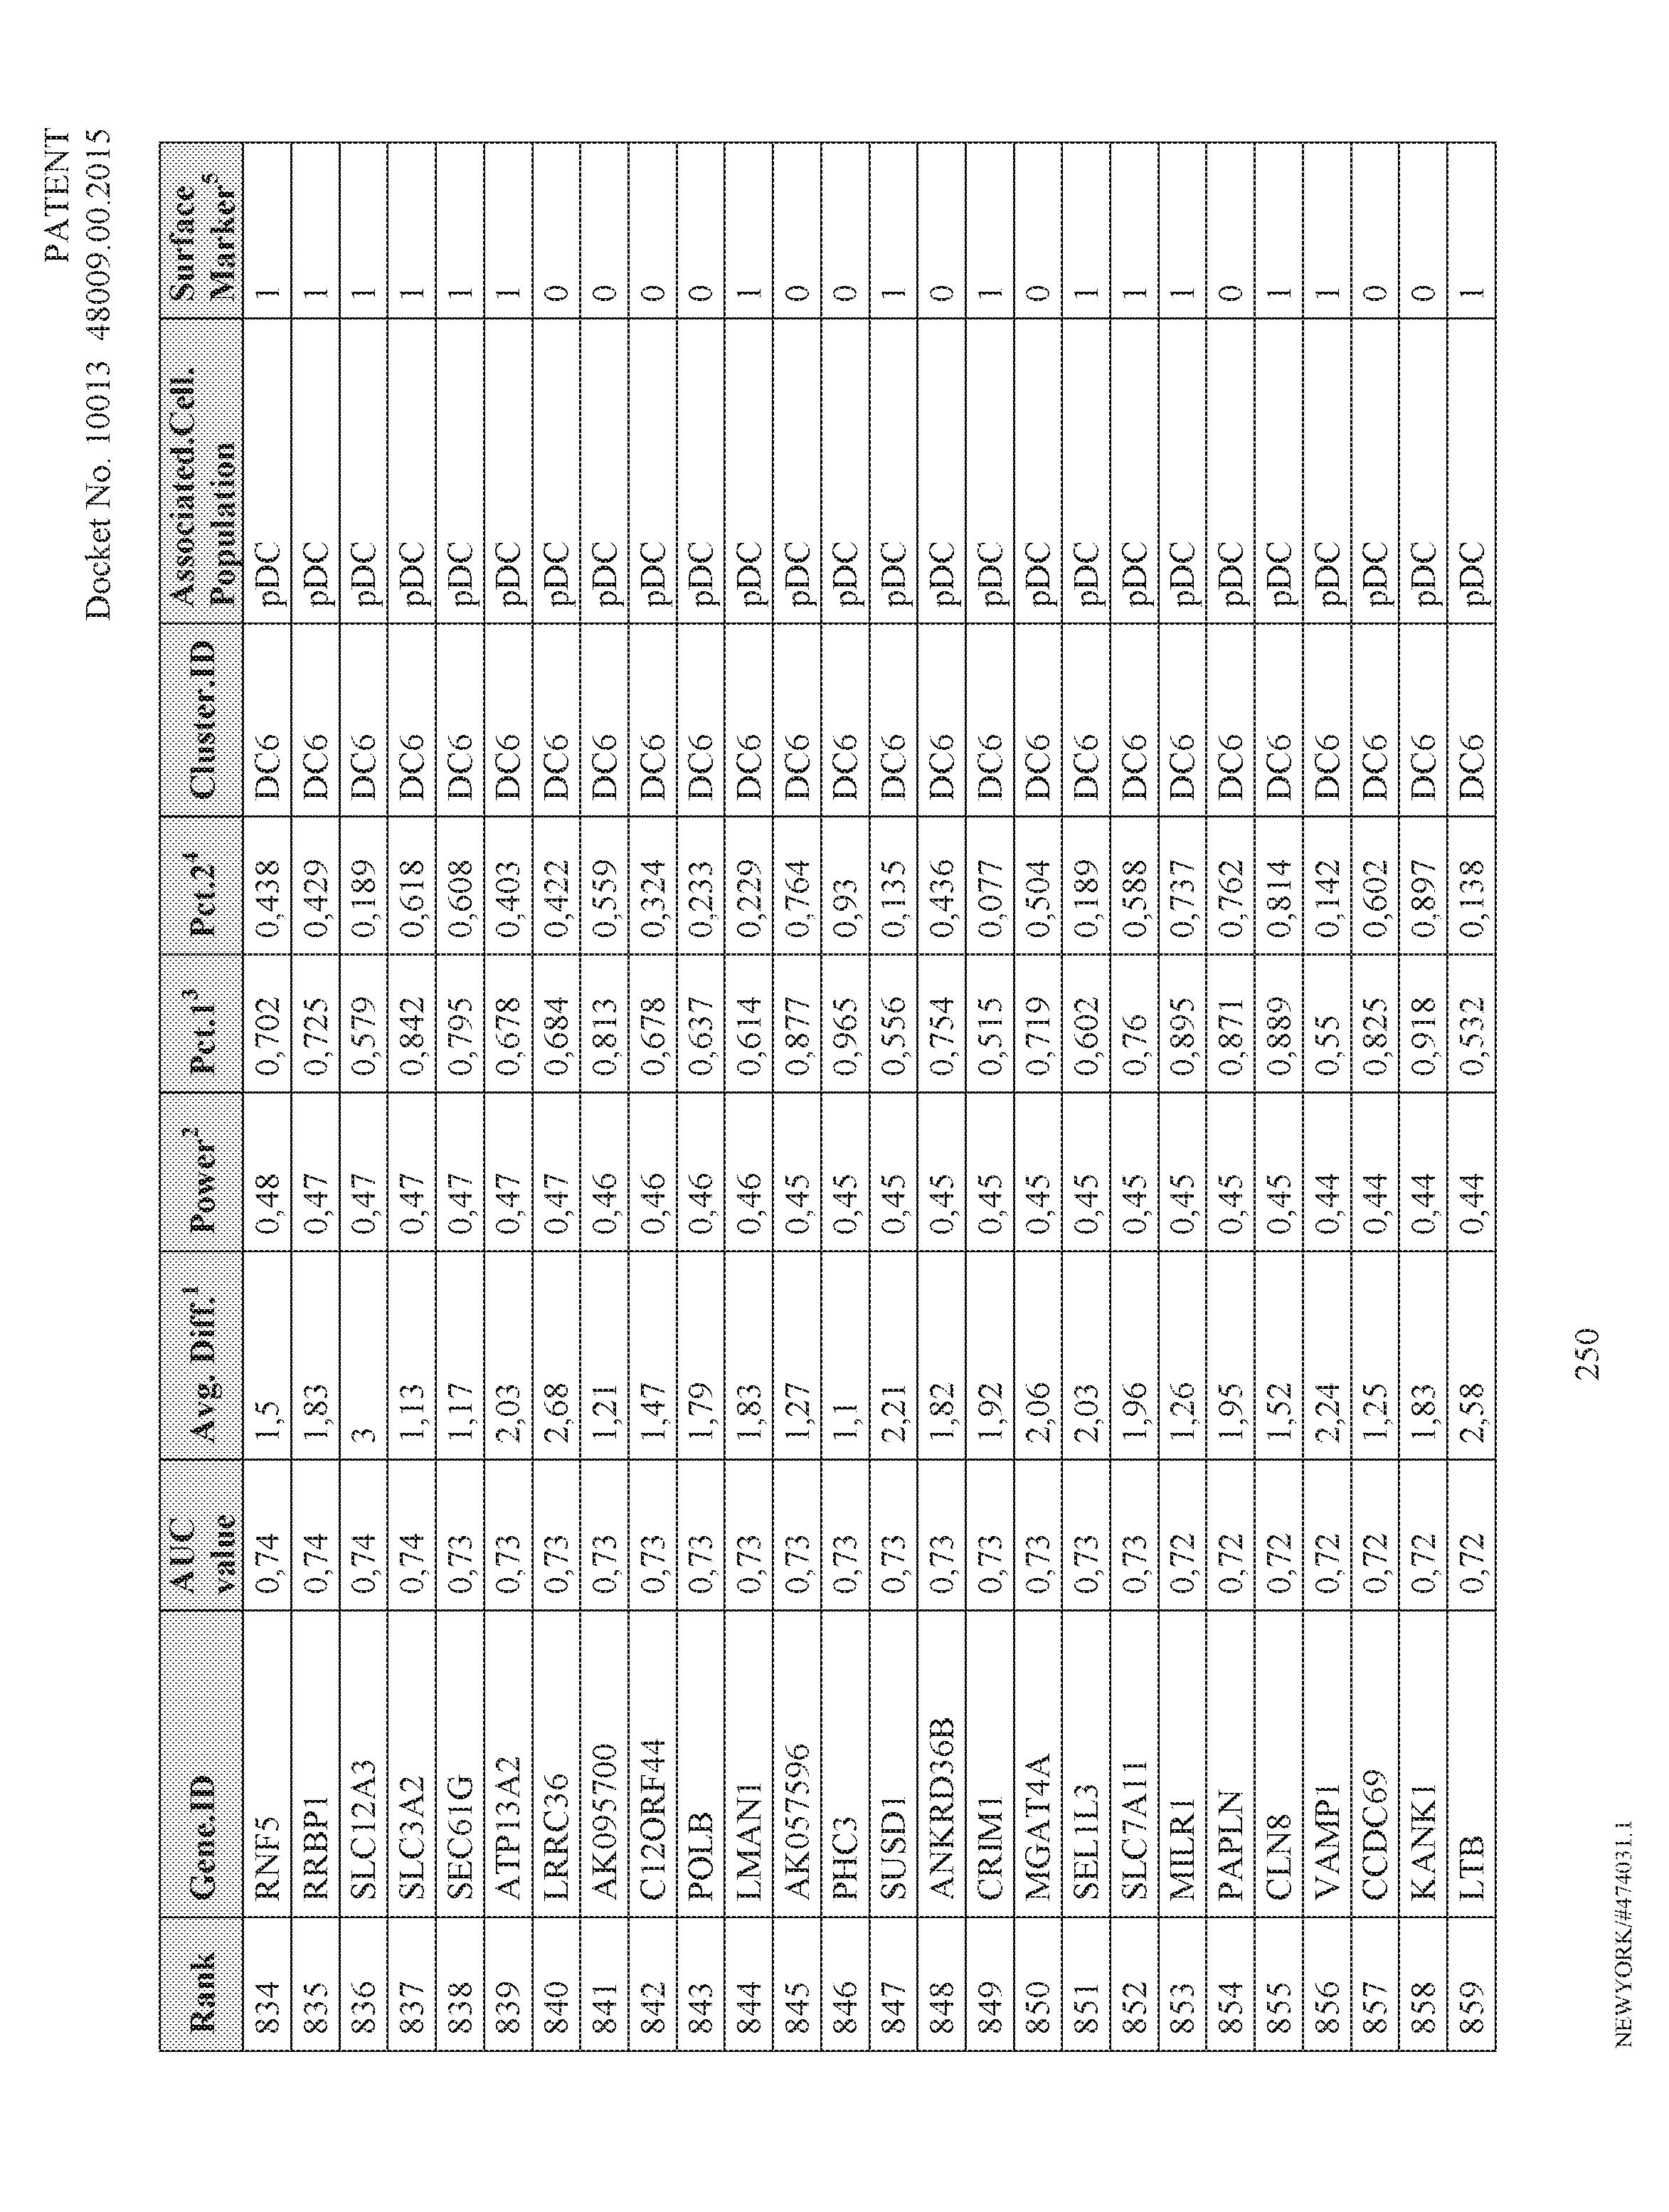 Figure imgf000252_0001